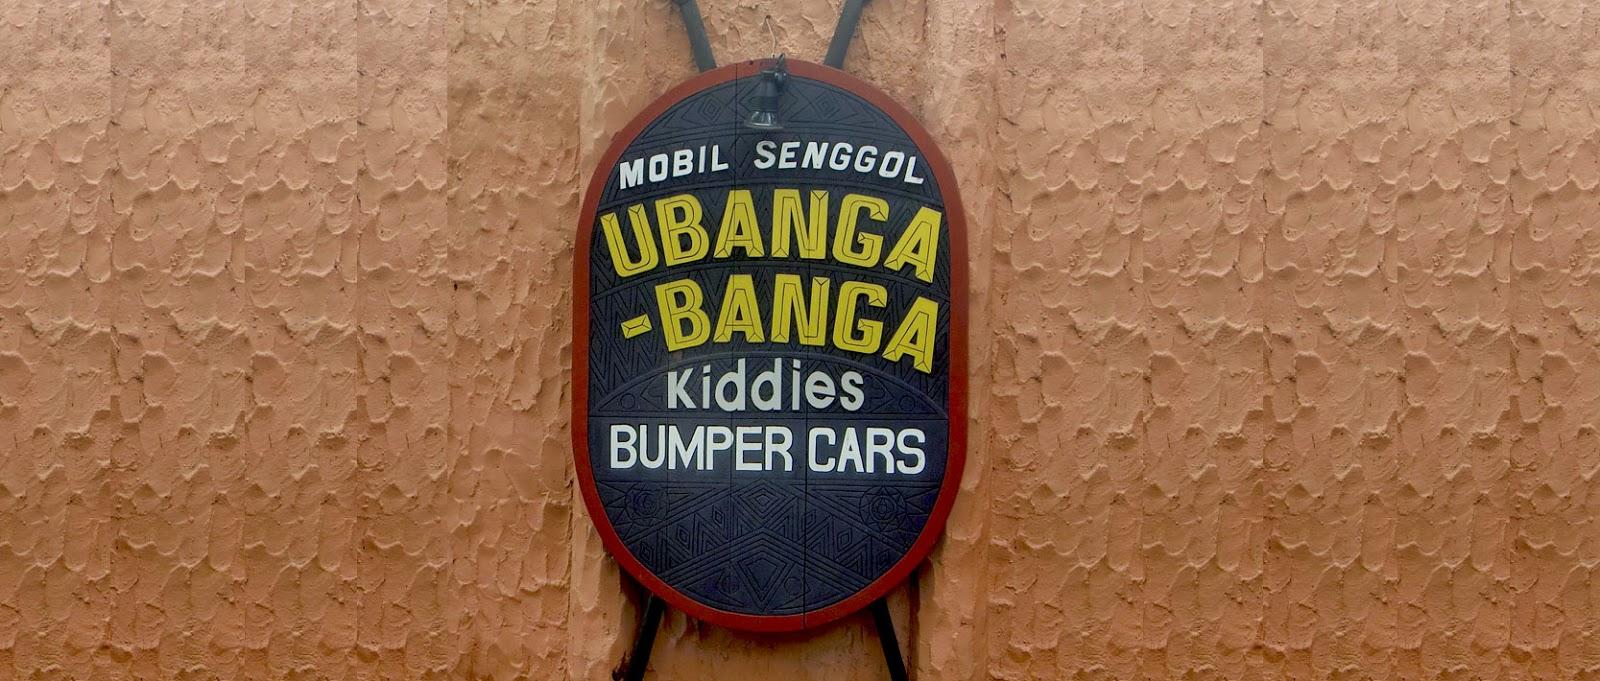 Wahana Ubanga Banga